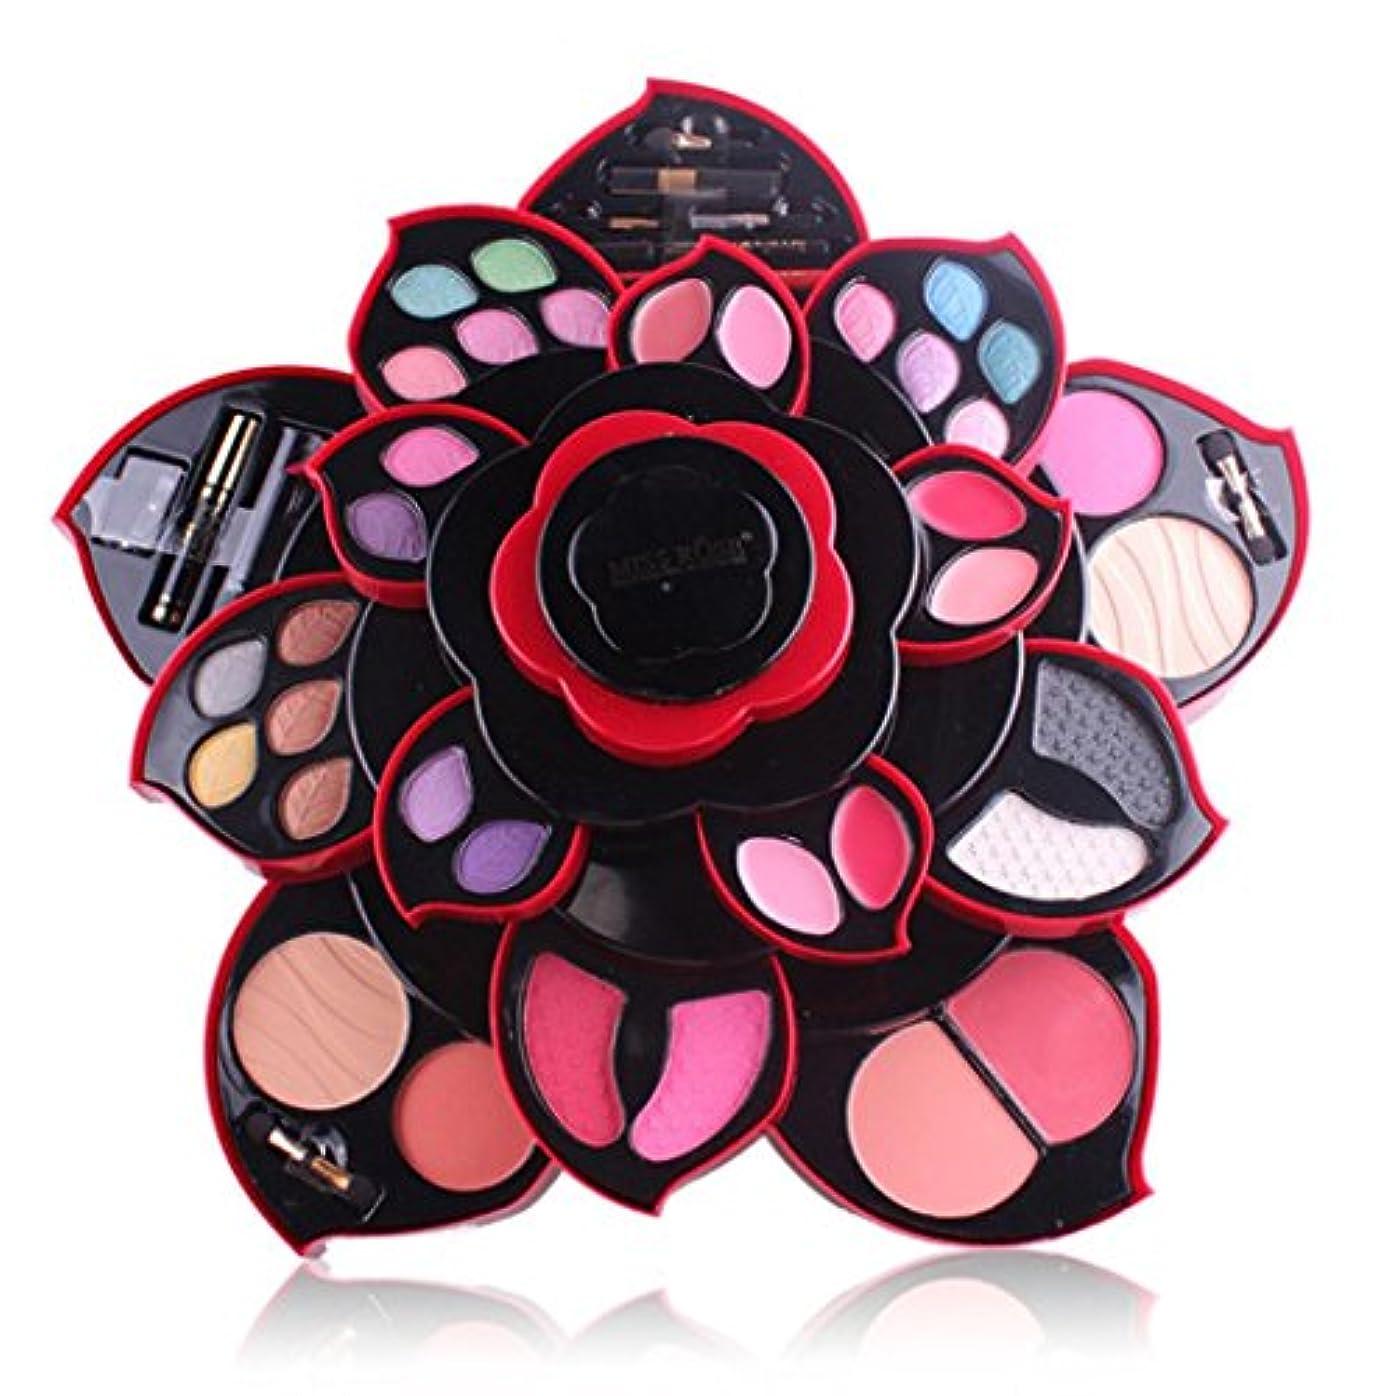 完璧な統合する説教ビューティー アイシャドー wwkeiying アイシャドウセット ファッション 23色 梅の花デザイン メイクボックス 回転多機能化粧品 プロ化粧師 メイクの達人 プレゼント (02)